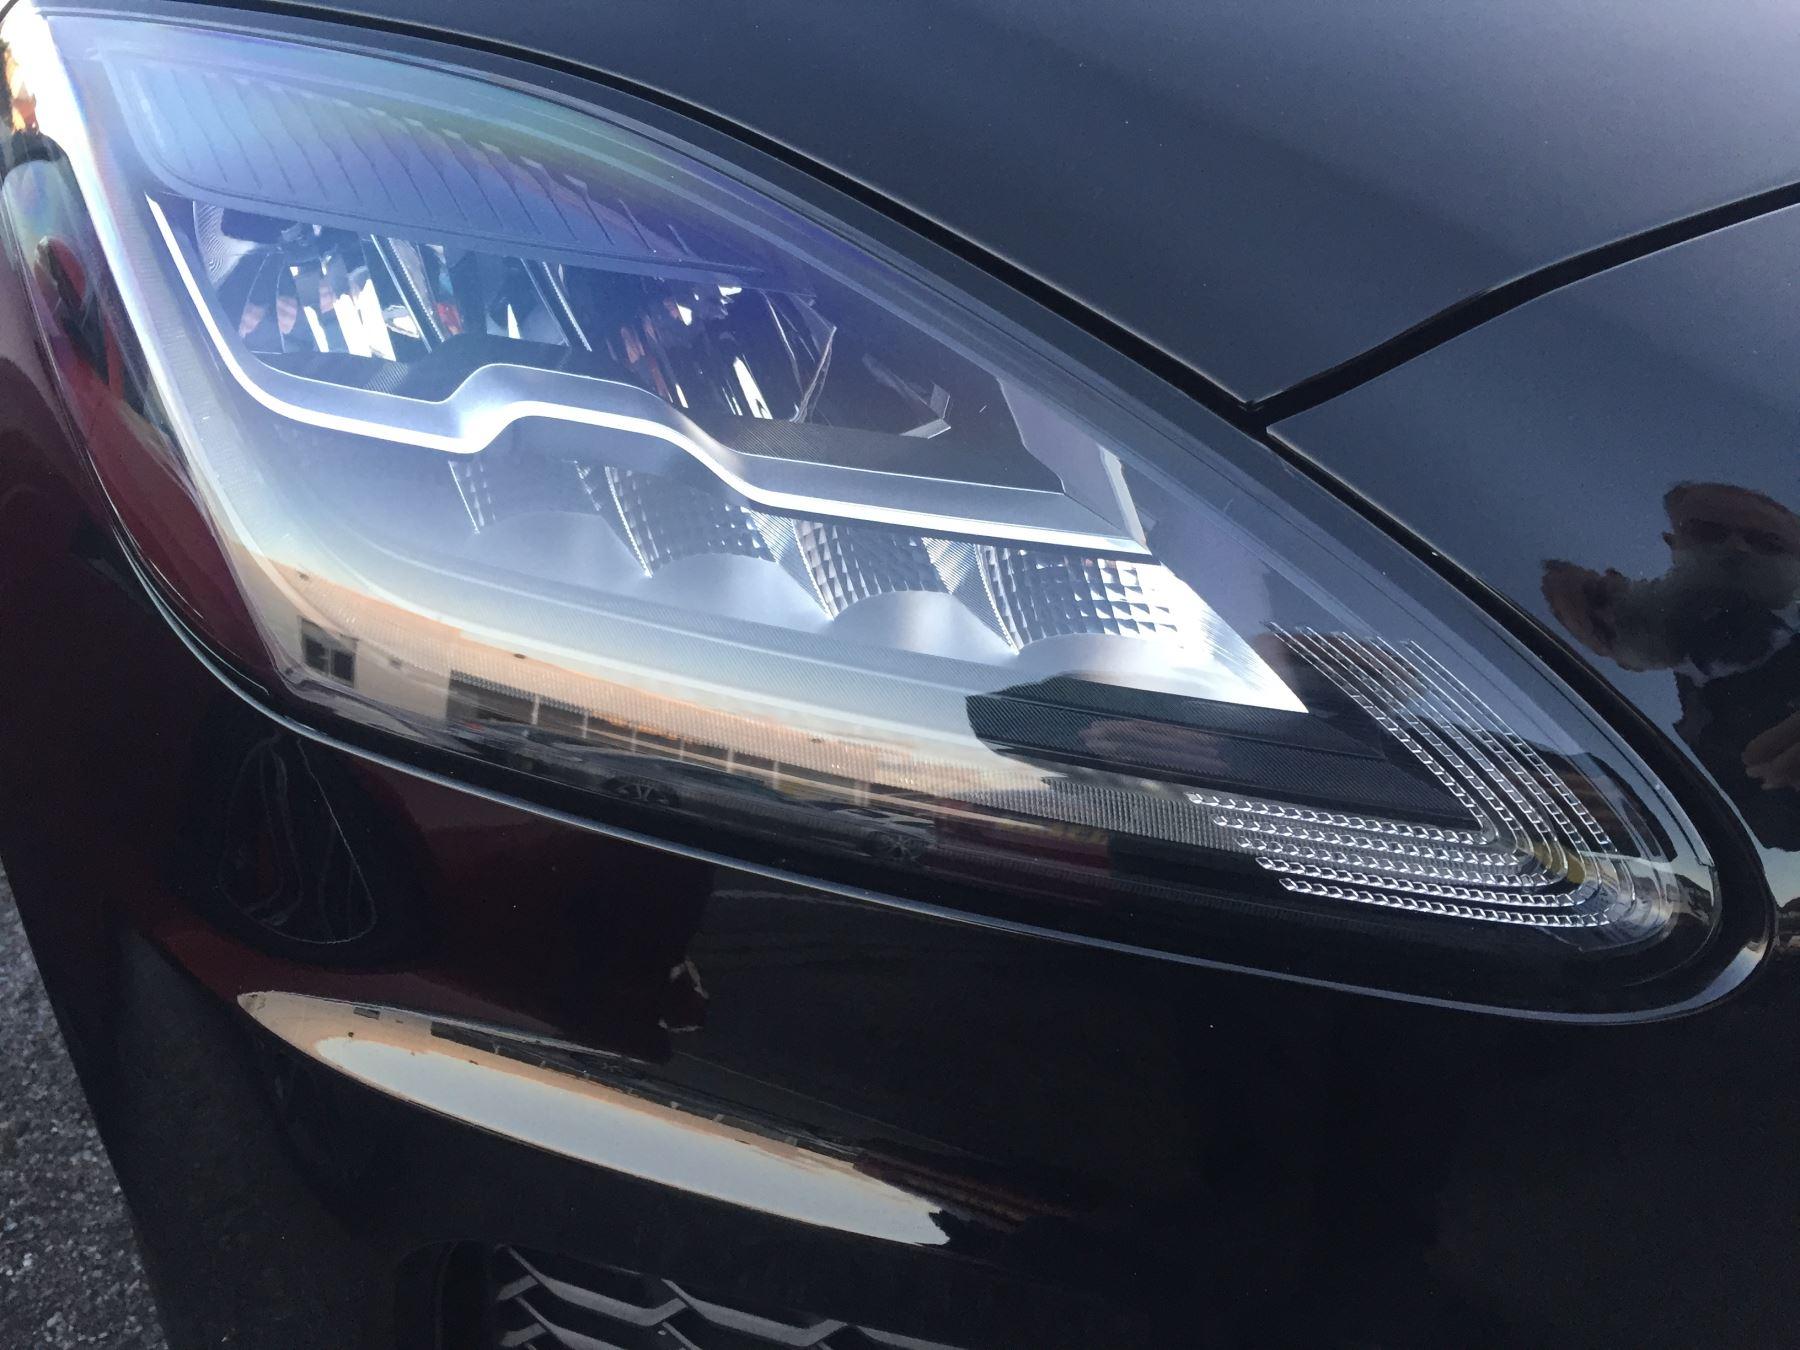 Jaguar E-PACE 2.0 R-Dynamic S image 11